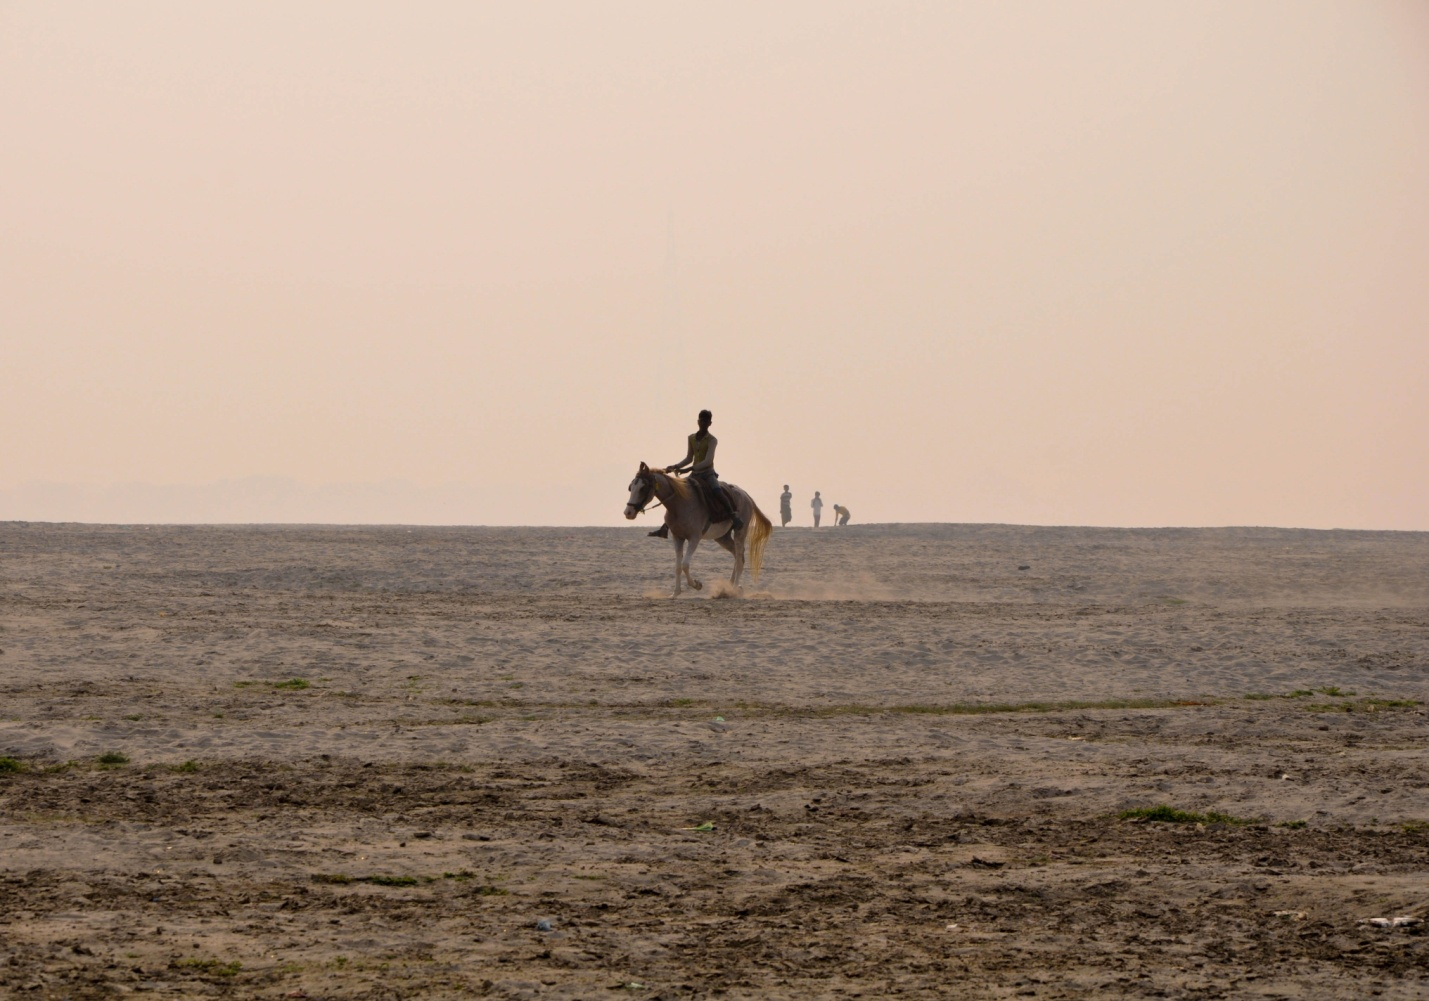 противоположный берег реки Ганг, Варанаси, Индия